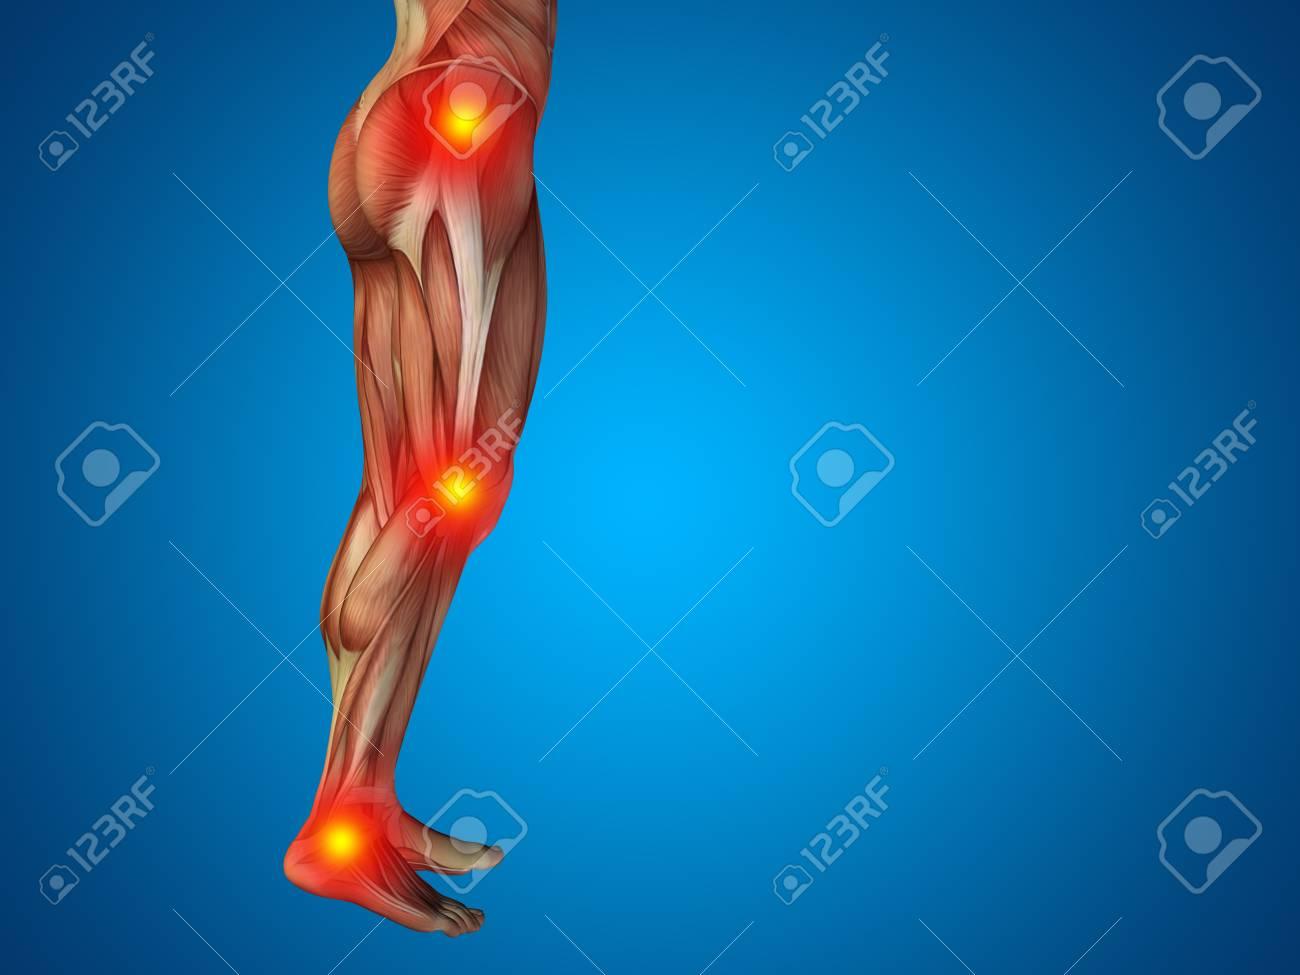 Konzeptionelle Menschliche Körper Anatomie Gelenkschmerzen Blauem ...